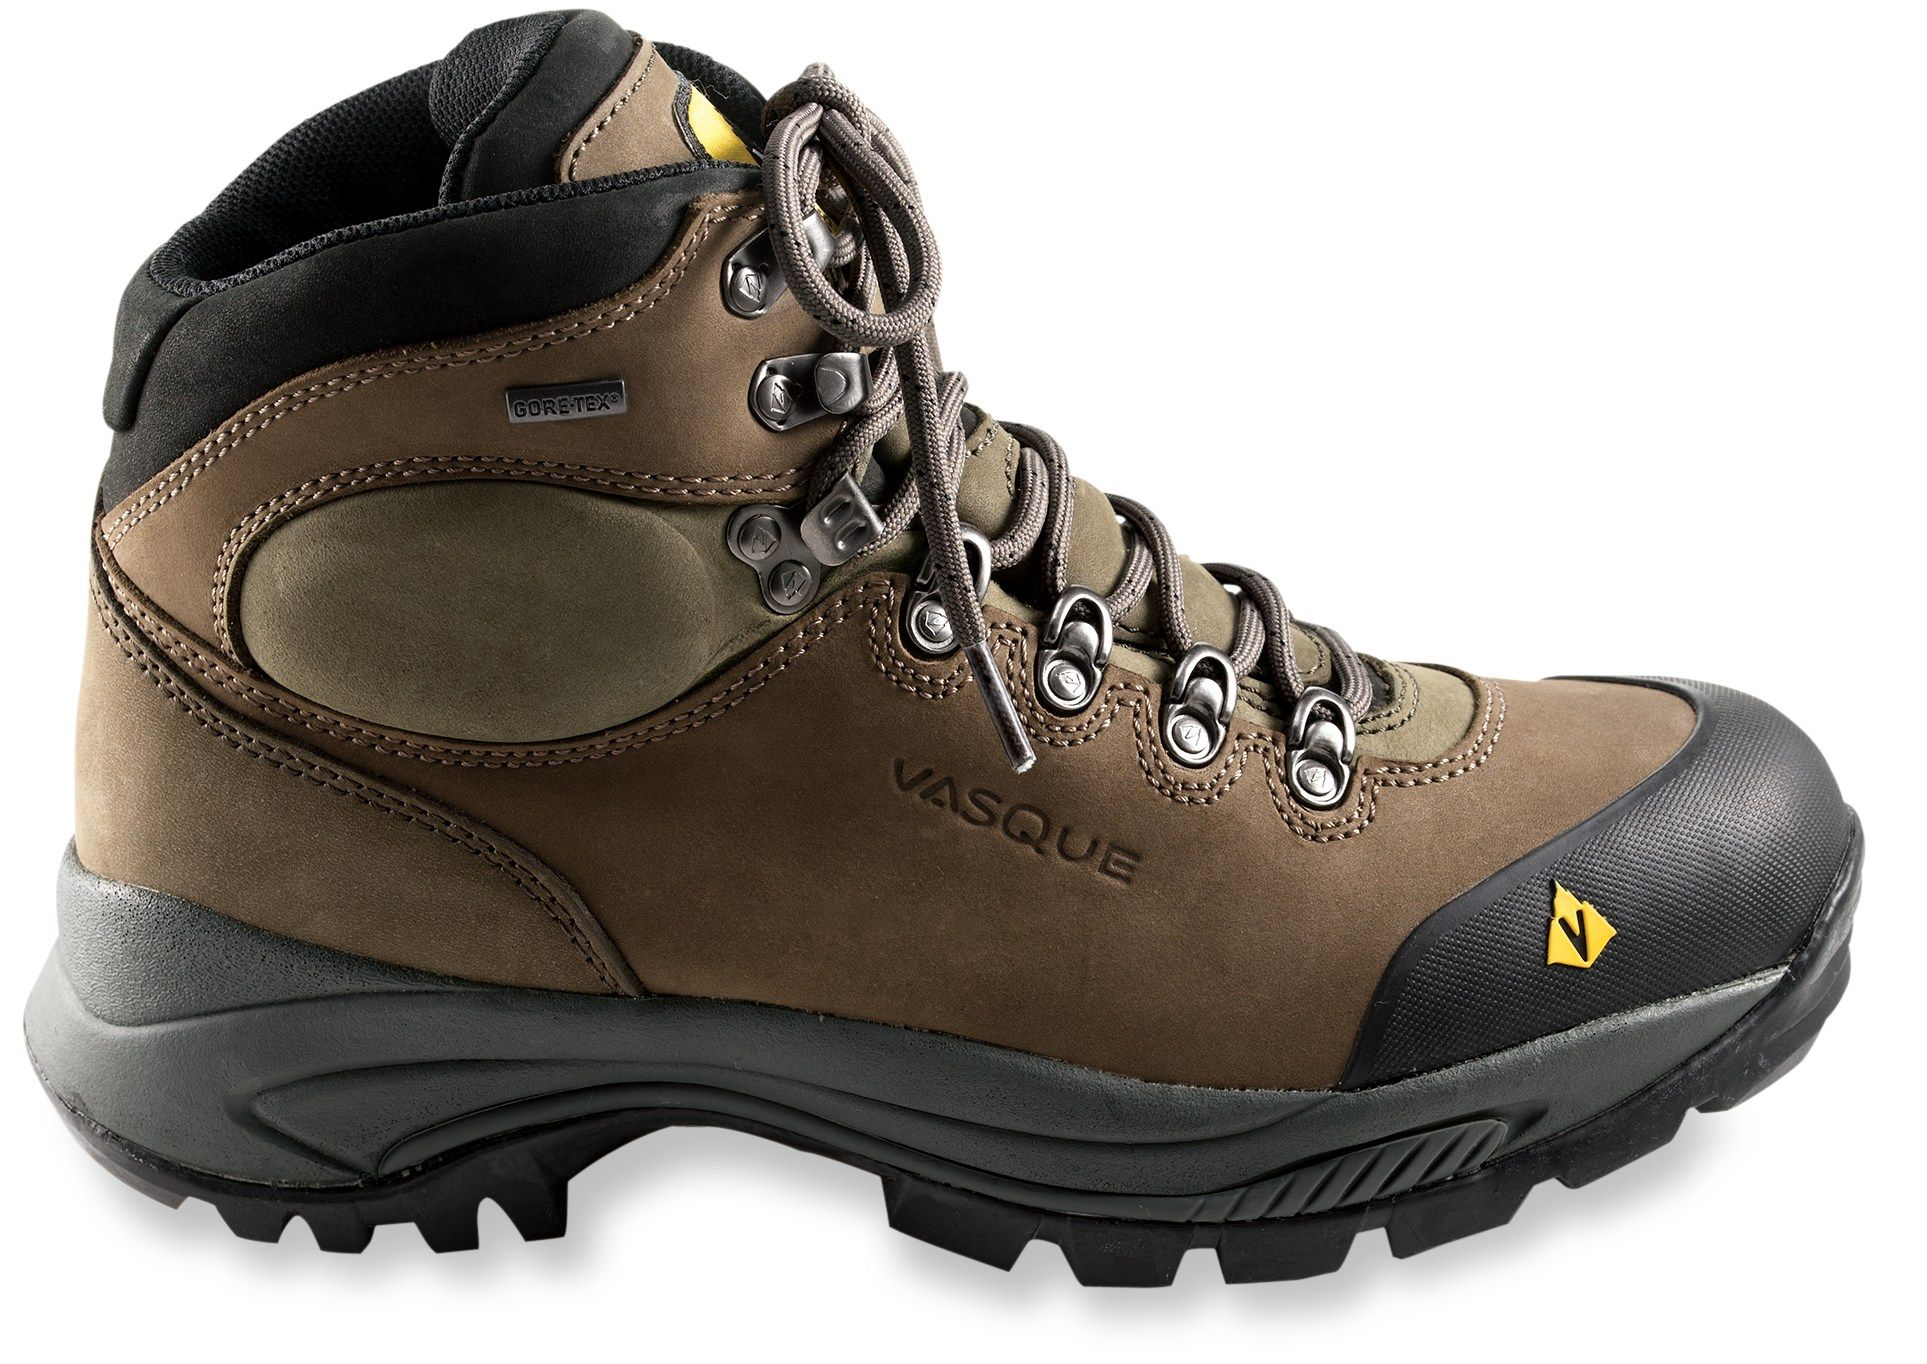 1eb377a0377 Vasque Wasatch GTX Hiking Boots - Men's   REI Co-op   Outdoor ...